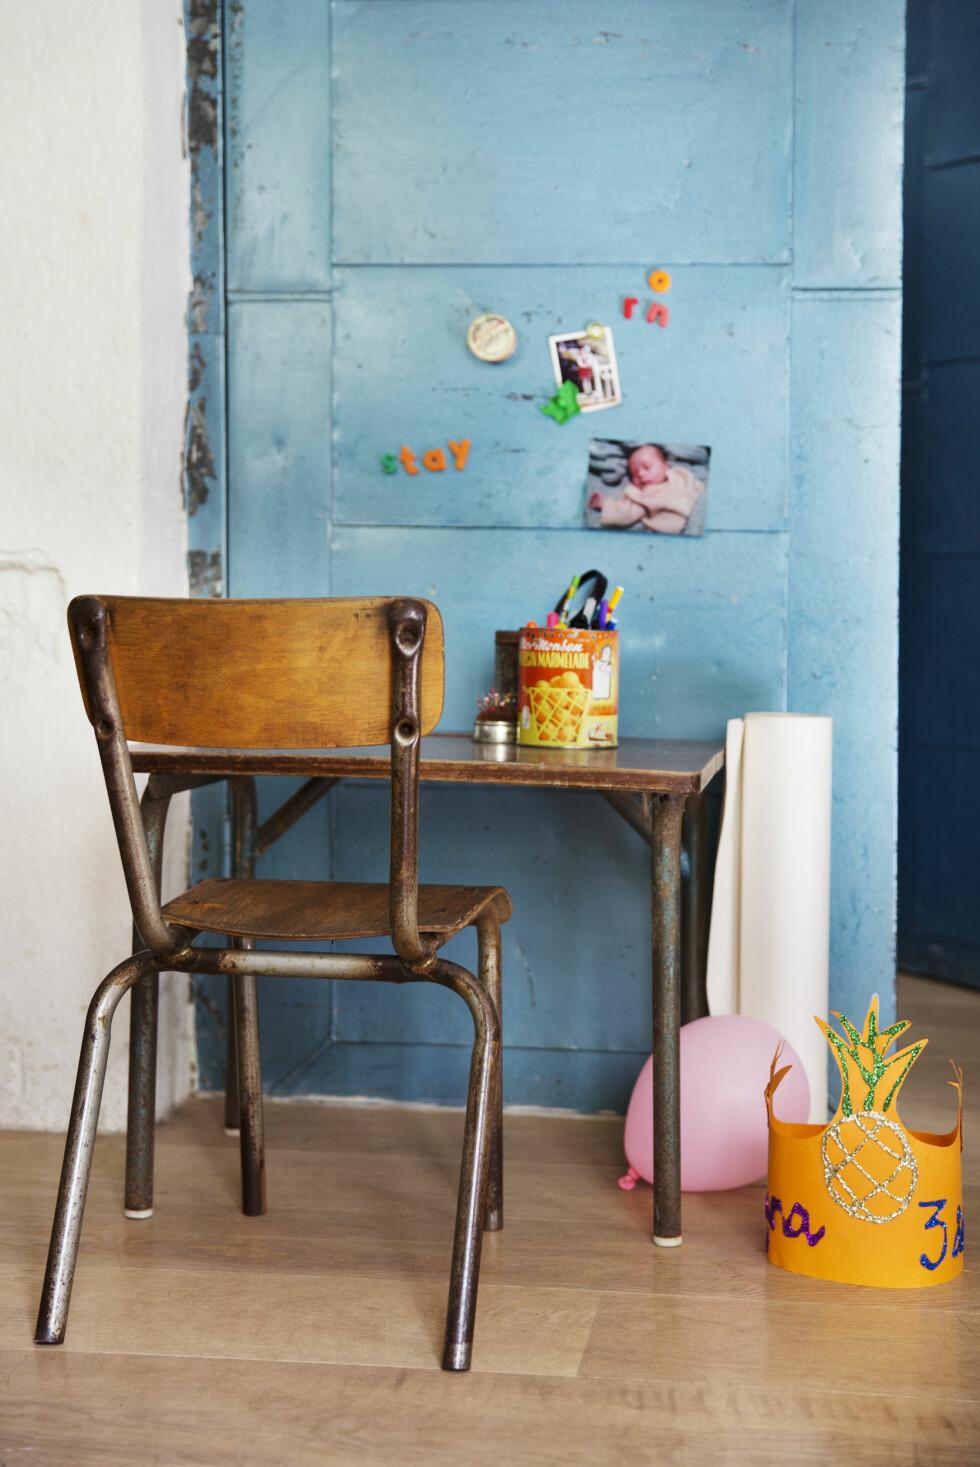 FRANSK KROK: Anna har mange små kroker i stua, her er en av dem med franske skolemøbler. Foto: Yvonne Wilhelmsen